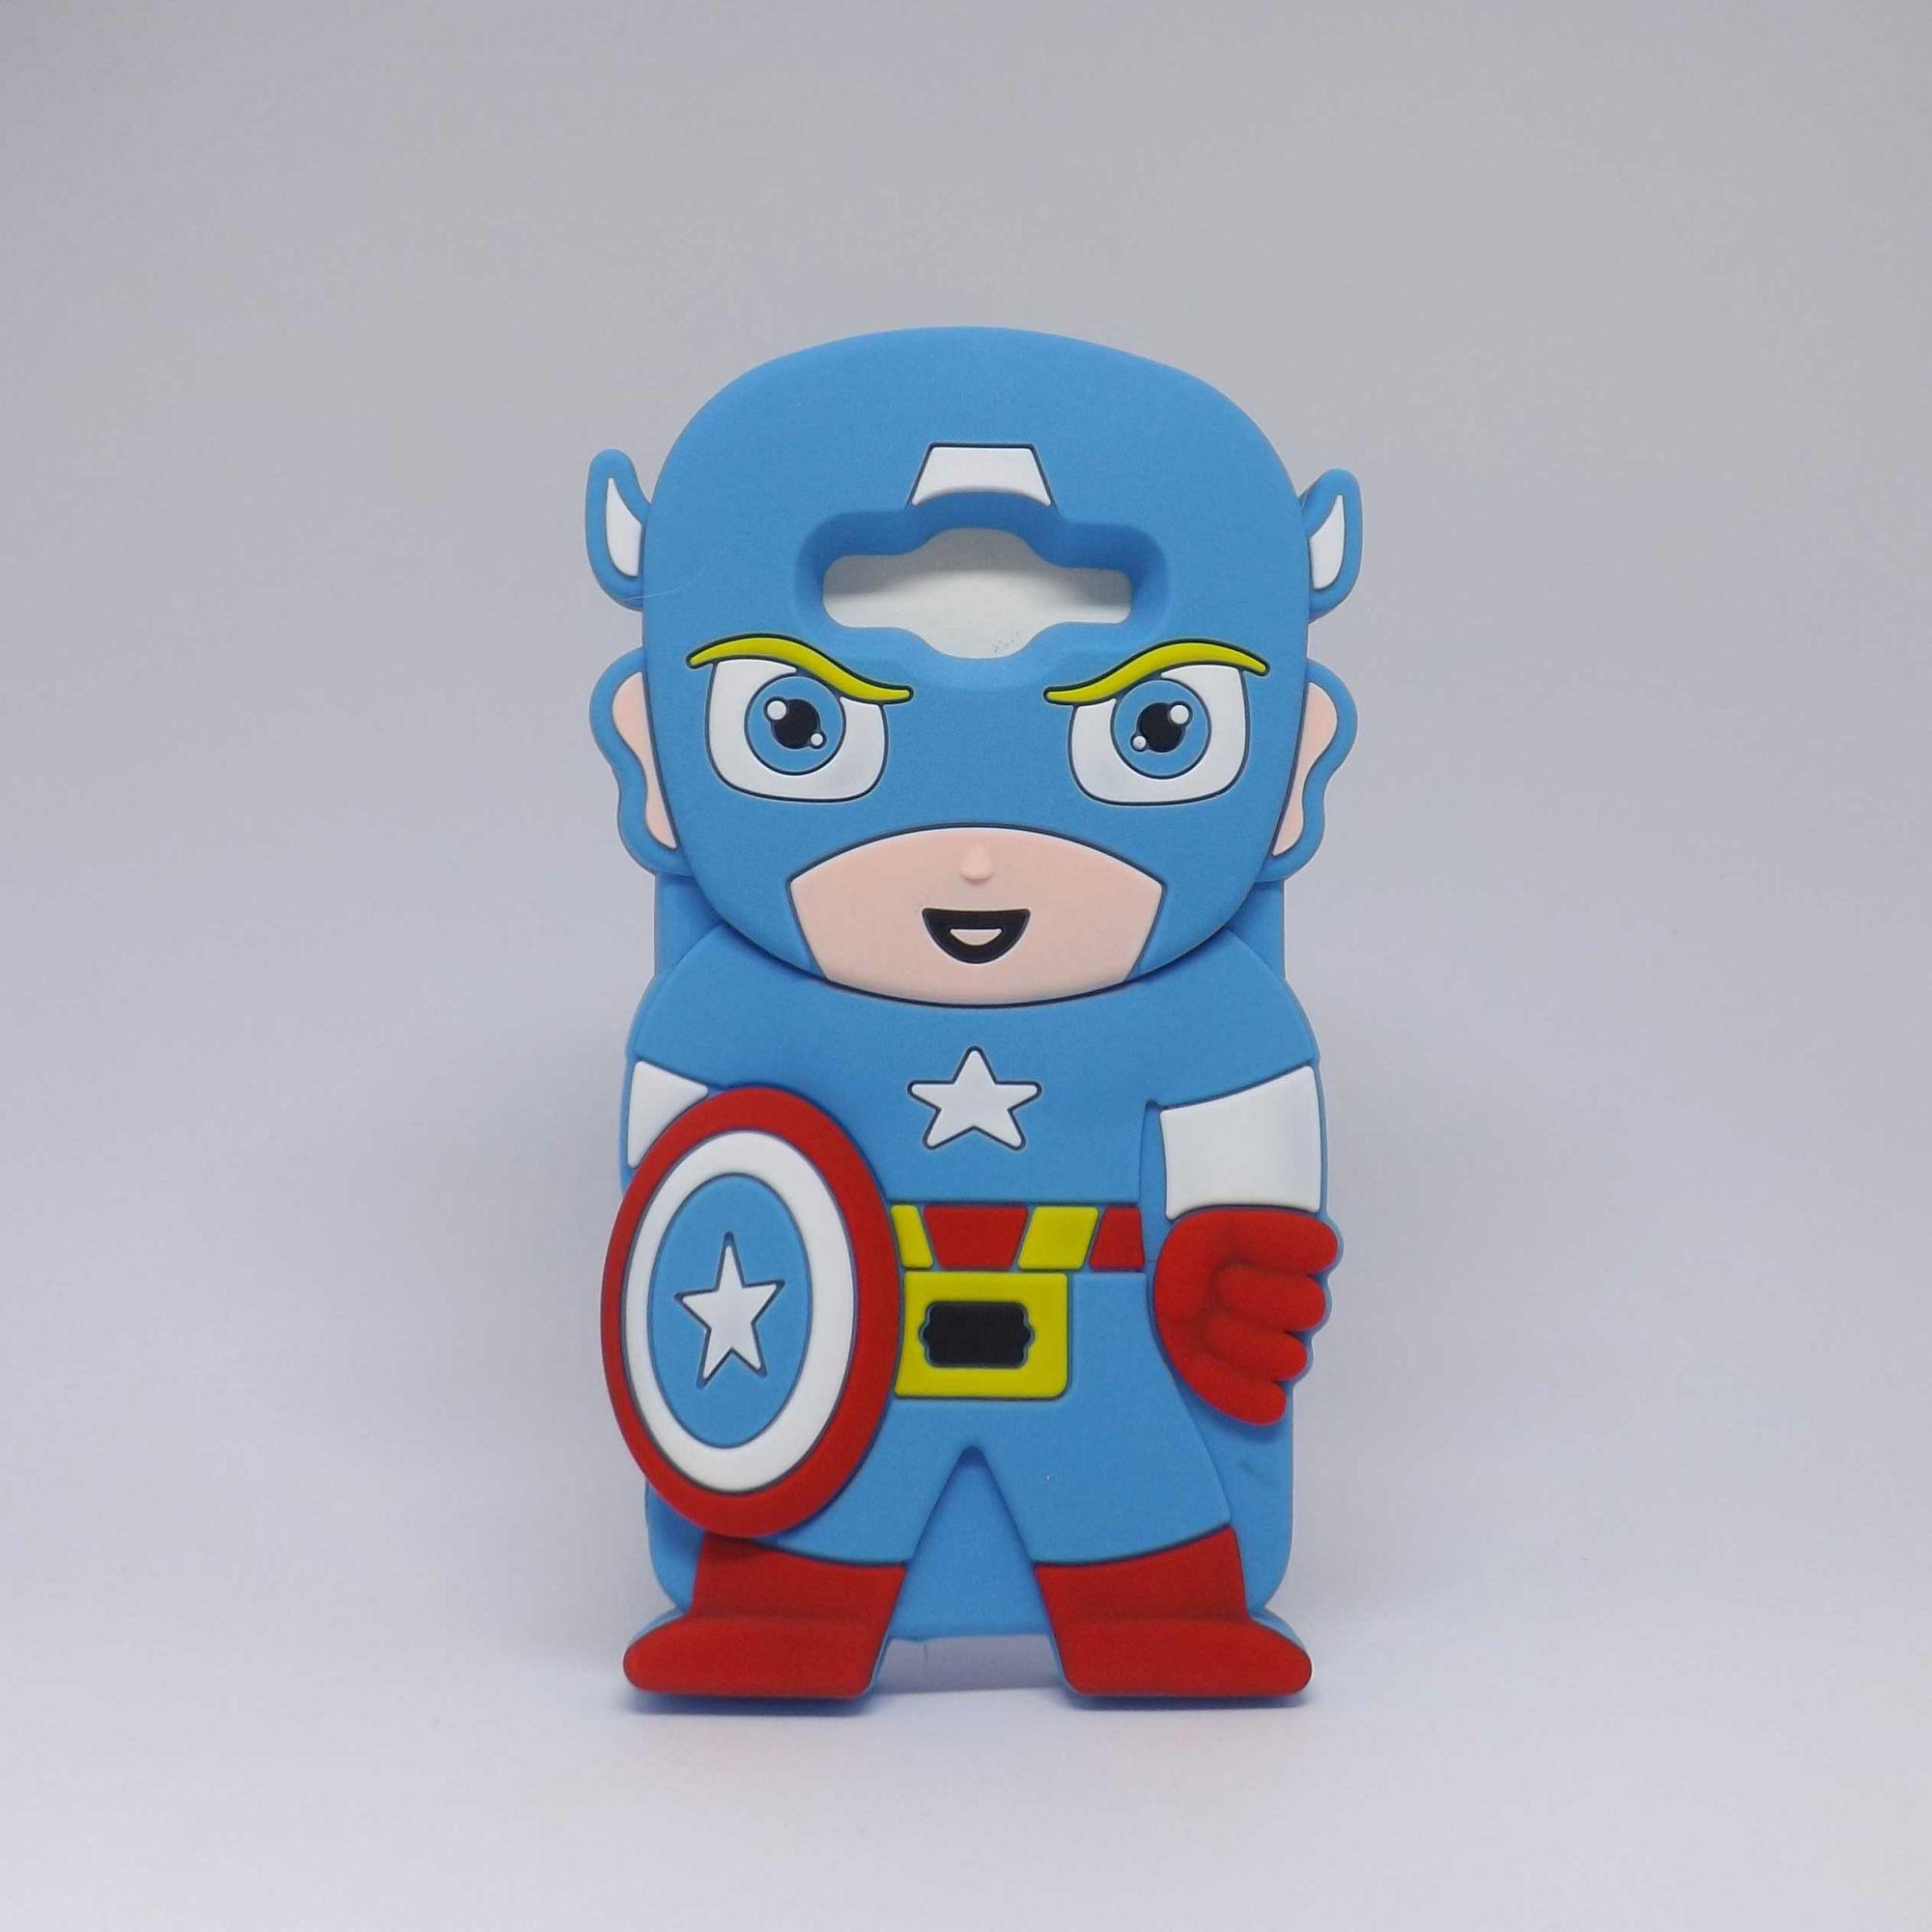 Capa Samsung Galaxy J2 Prime Personagens - Capitão América